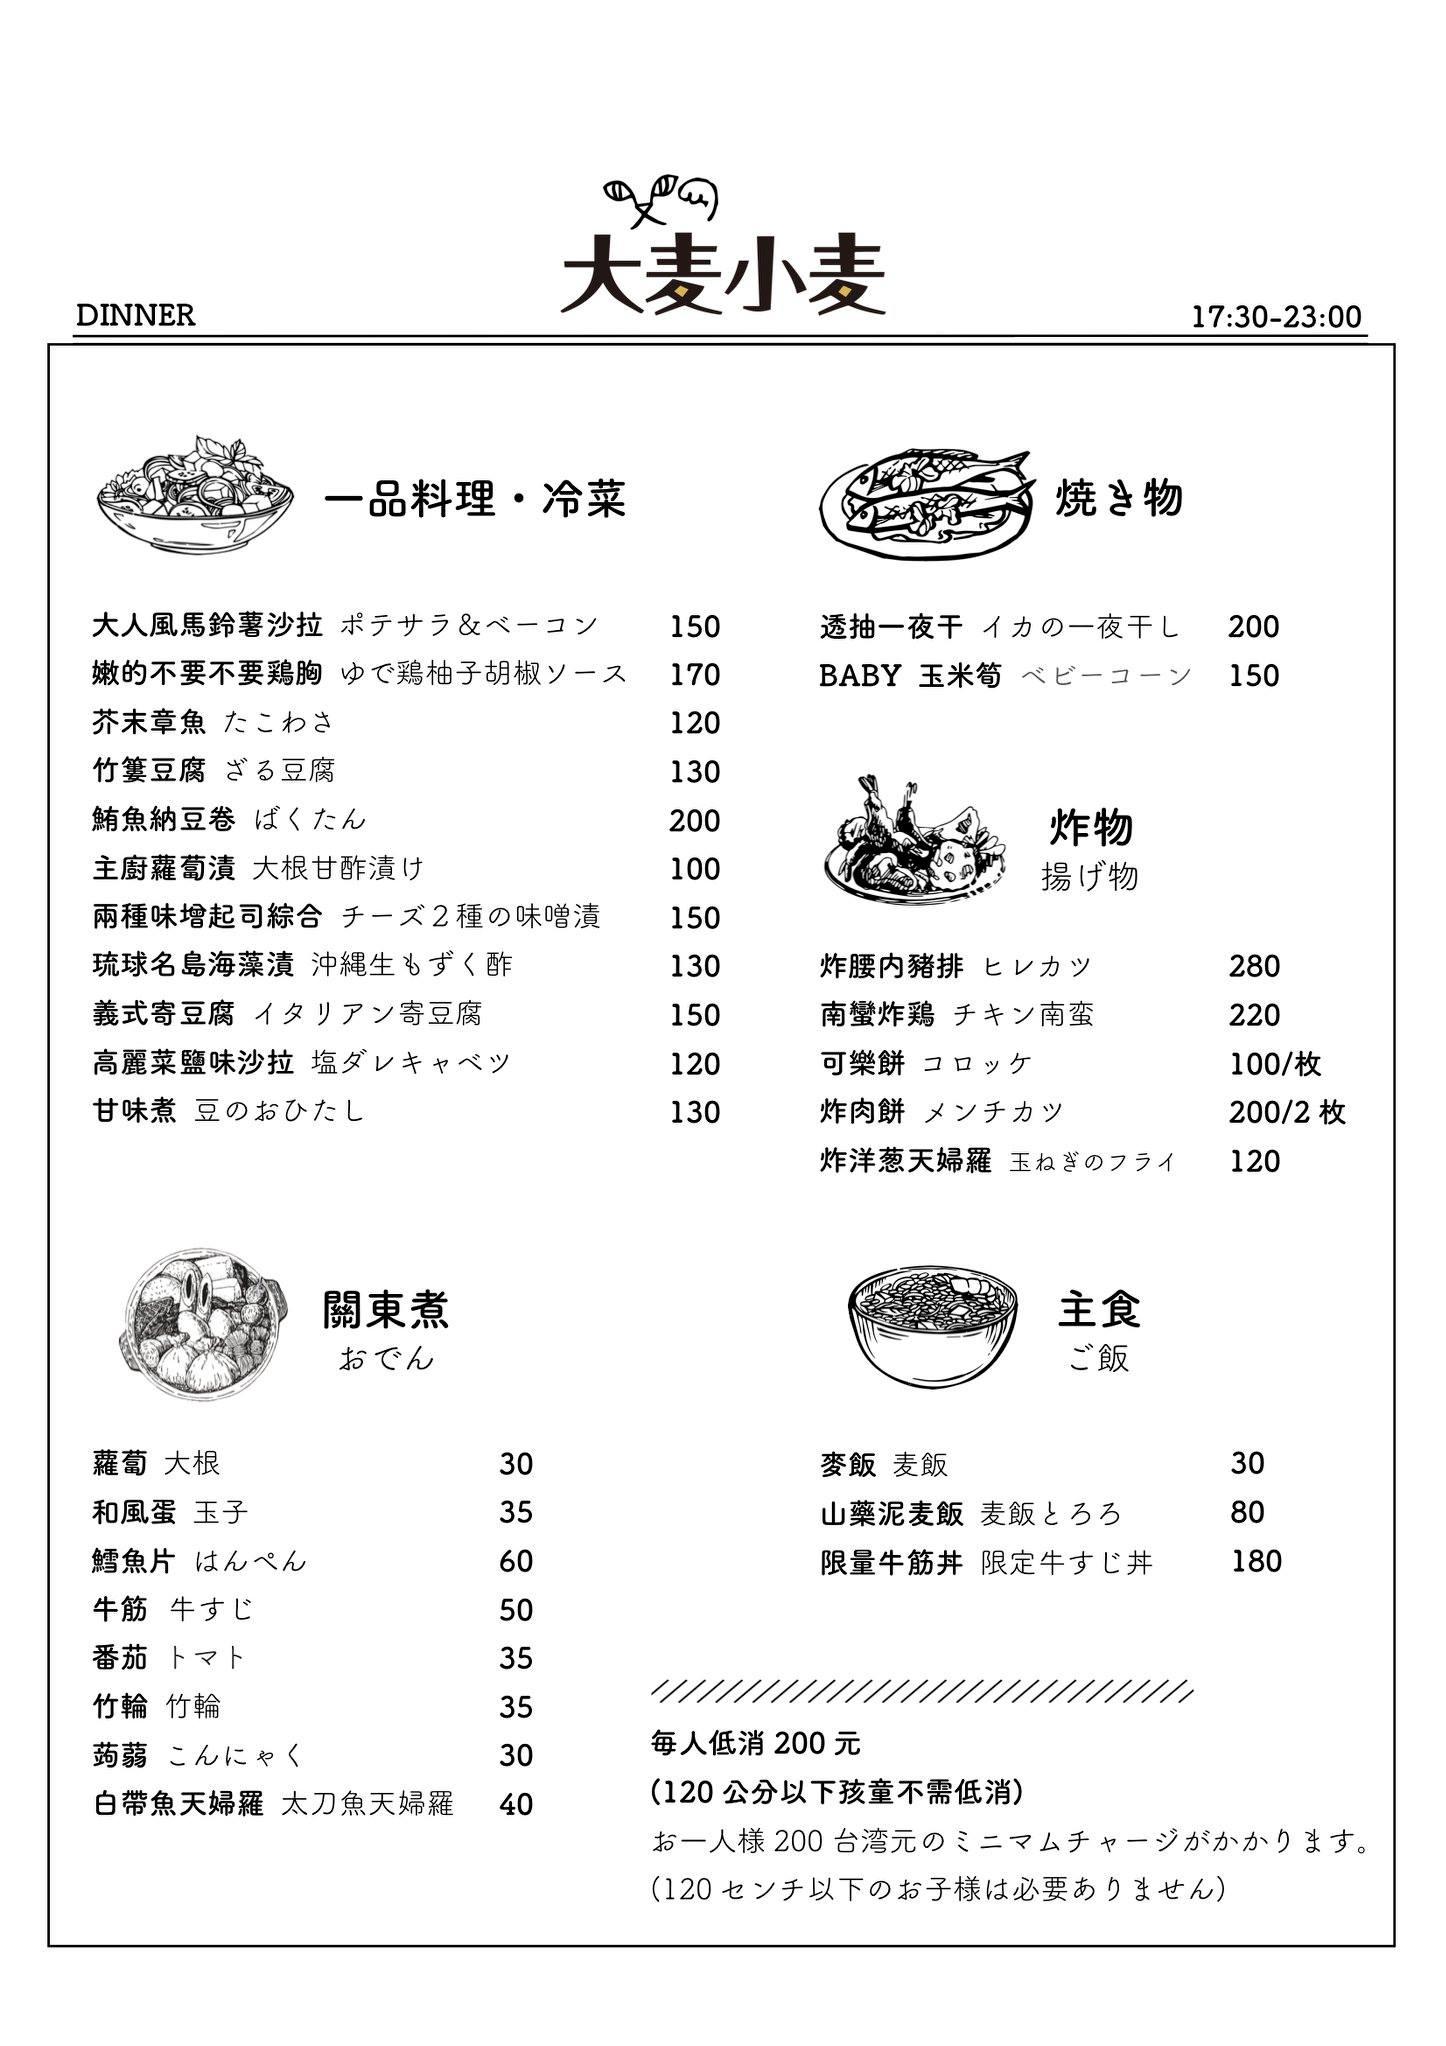 嘉義晚餐、宵夜推薦-大麦小麦 日式酒食